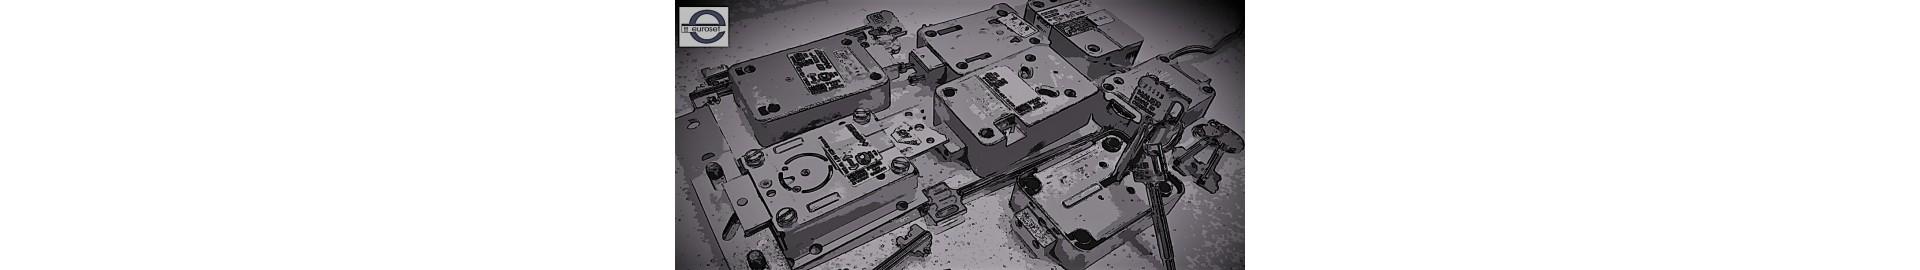 depozytor na klucze traka assa abloy rejestr czasu poboru klucza giodo